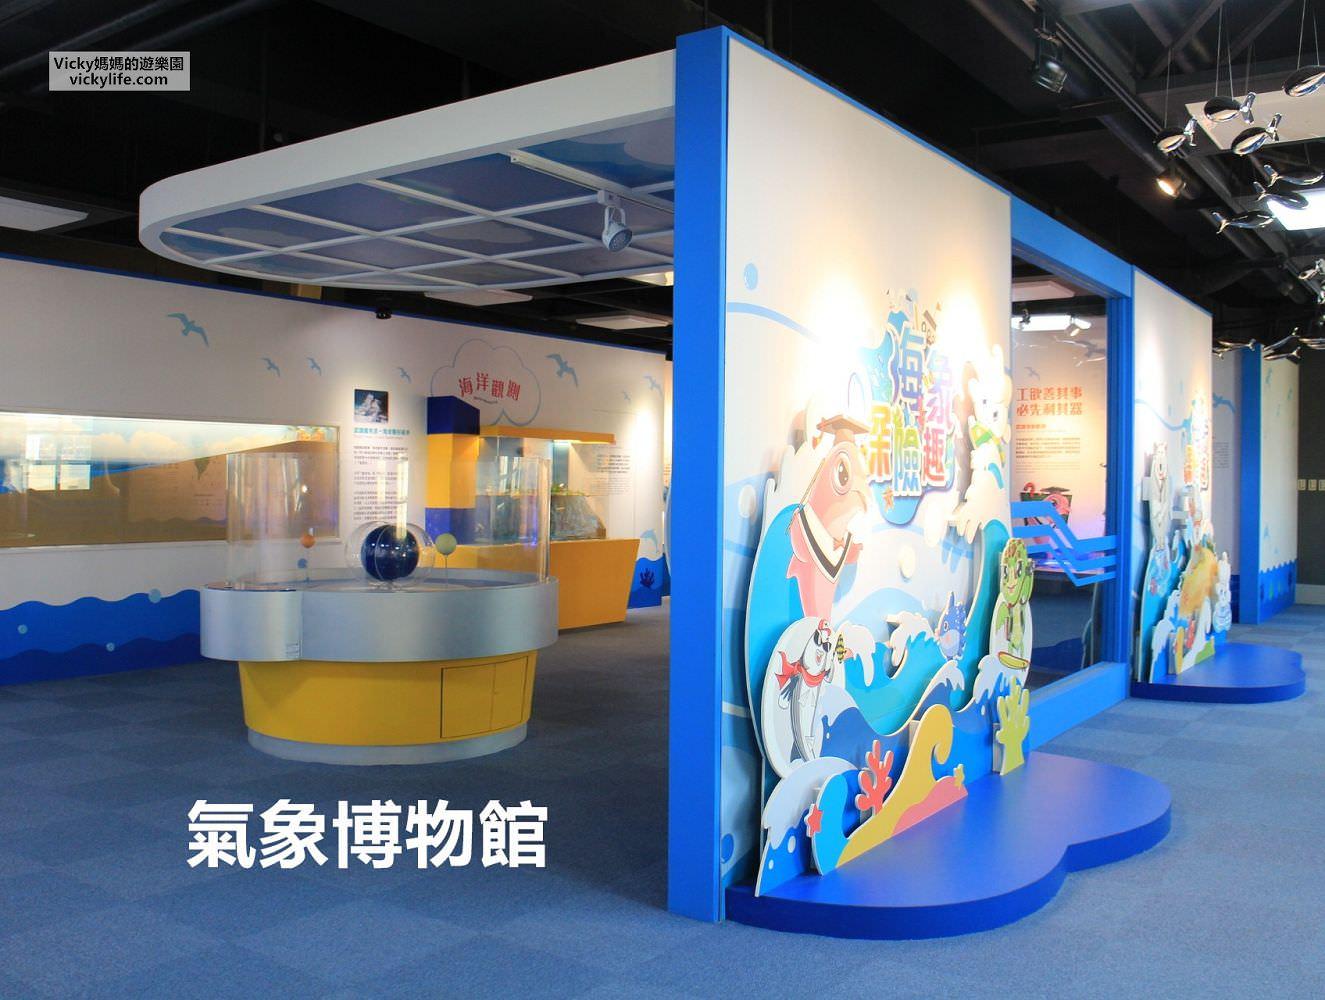 台南旅遊景點︱親子景點︱氣象博物館、臺南測候所:管它天文、氣候、地震、海象等問題,這邊都能找到答案,寓教於樂好地方(2019-05更新)